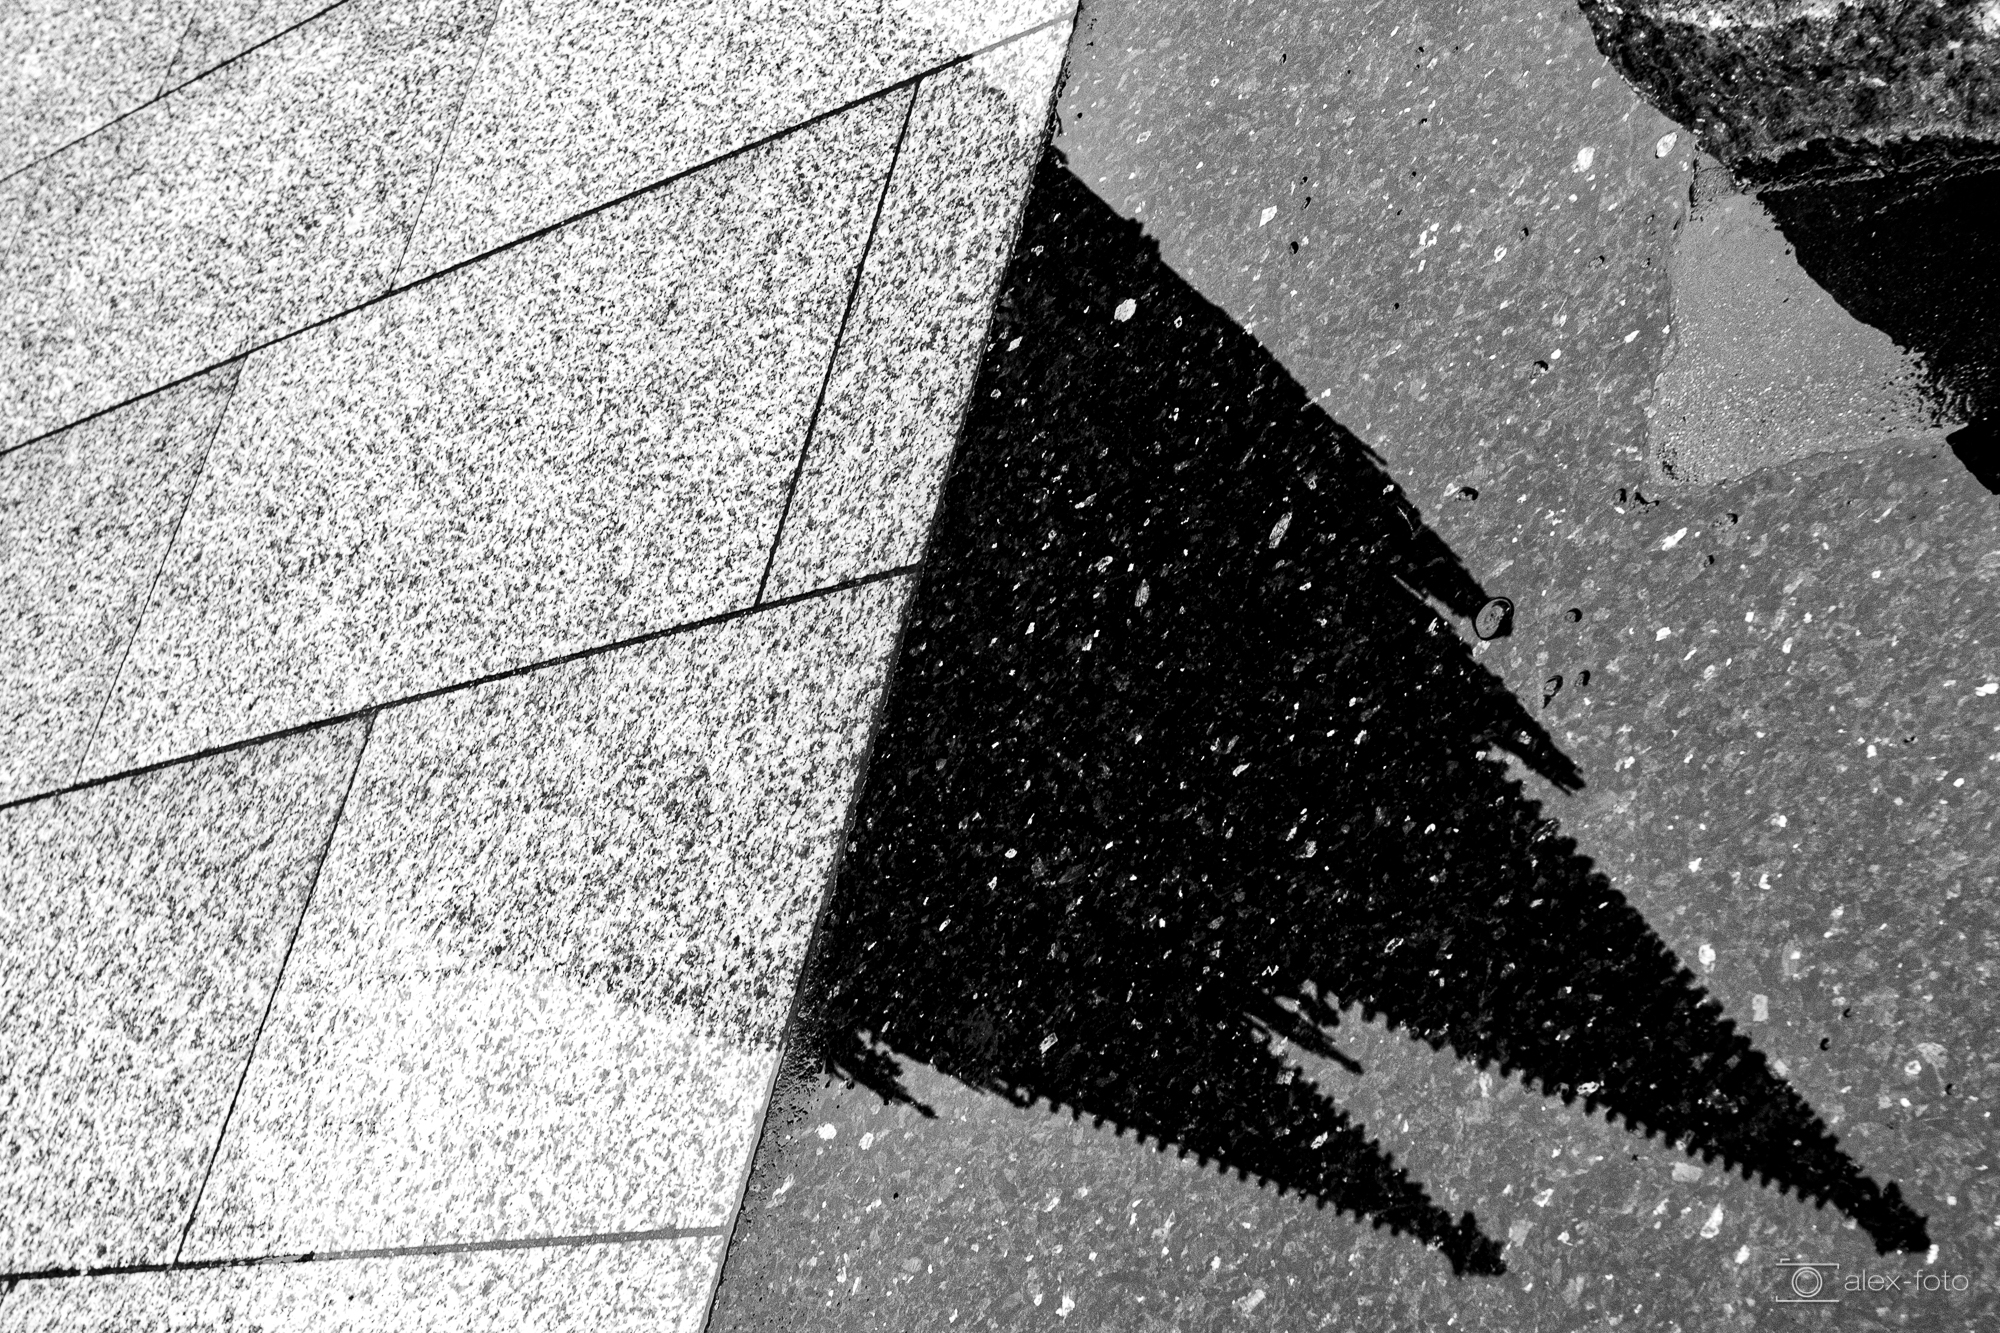 Lichtwert-BestOf_ThomasAlex_003_Kölner Dom.jpg